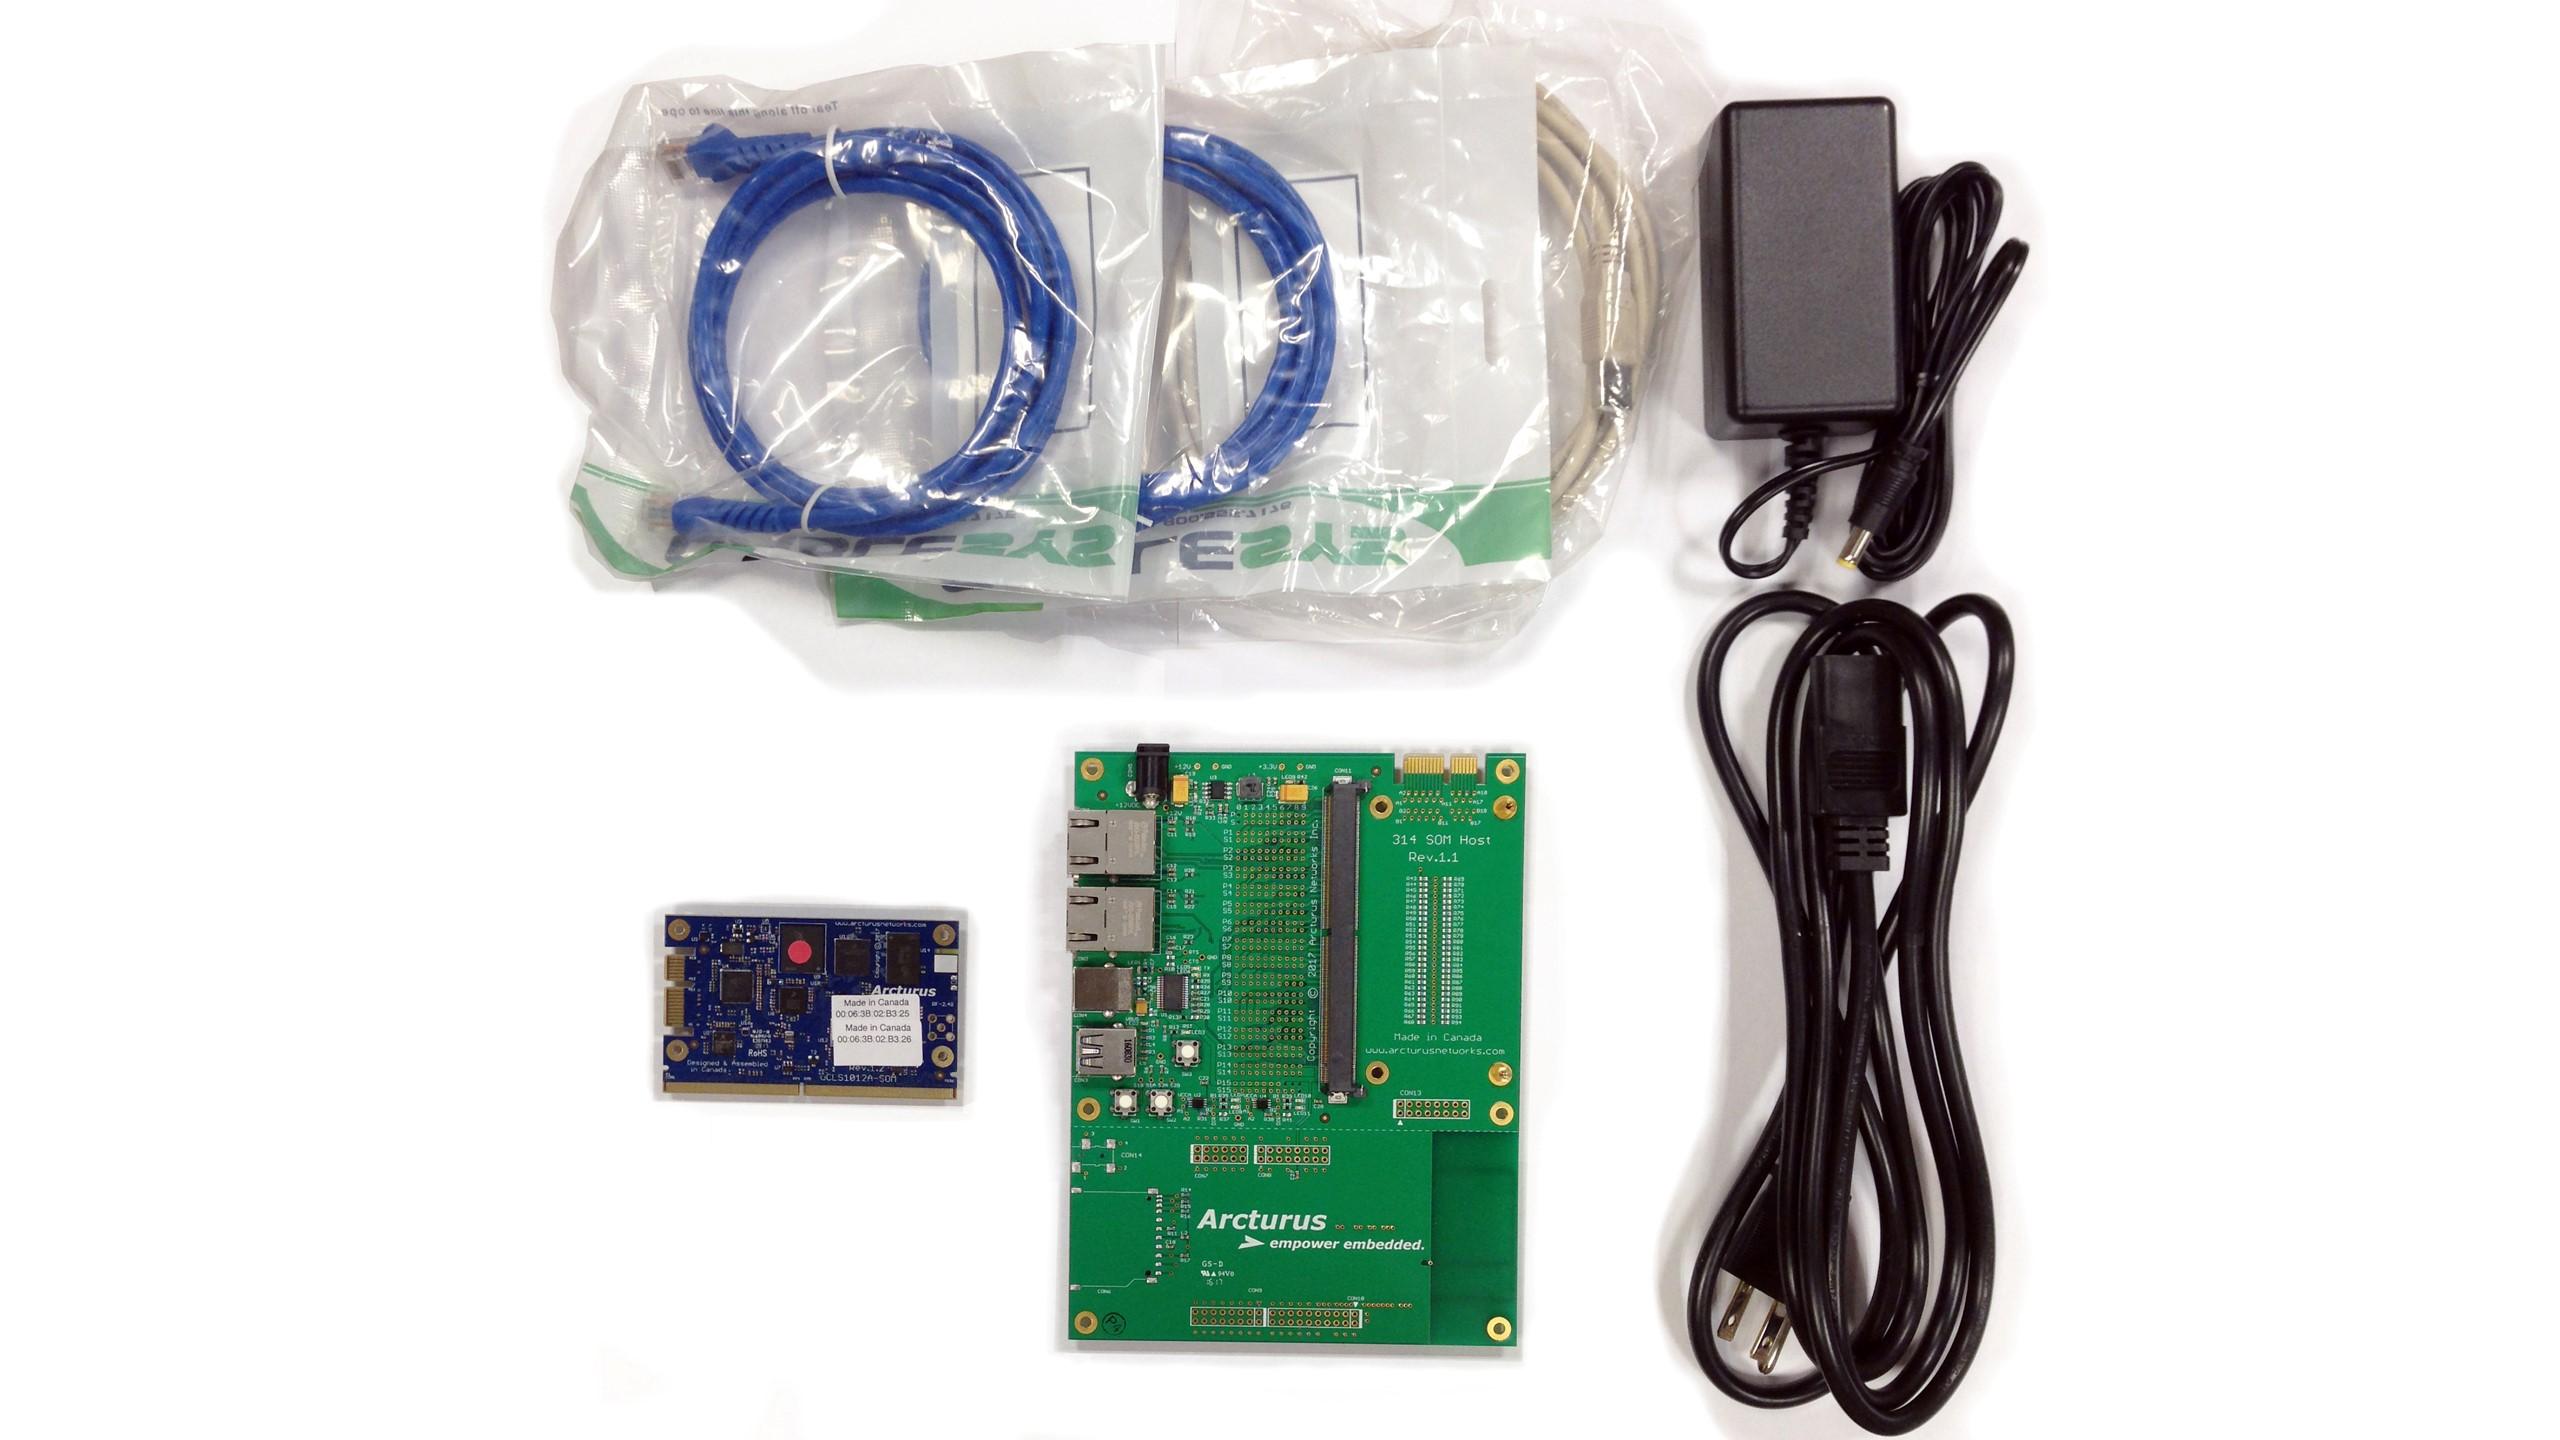 uCLS1012A-IoT Development Kit